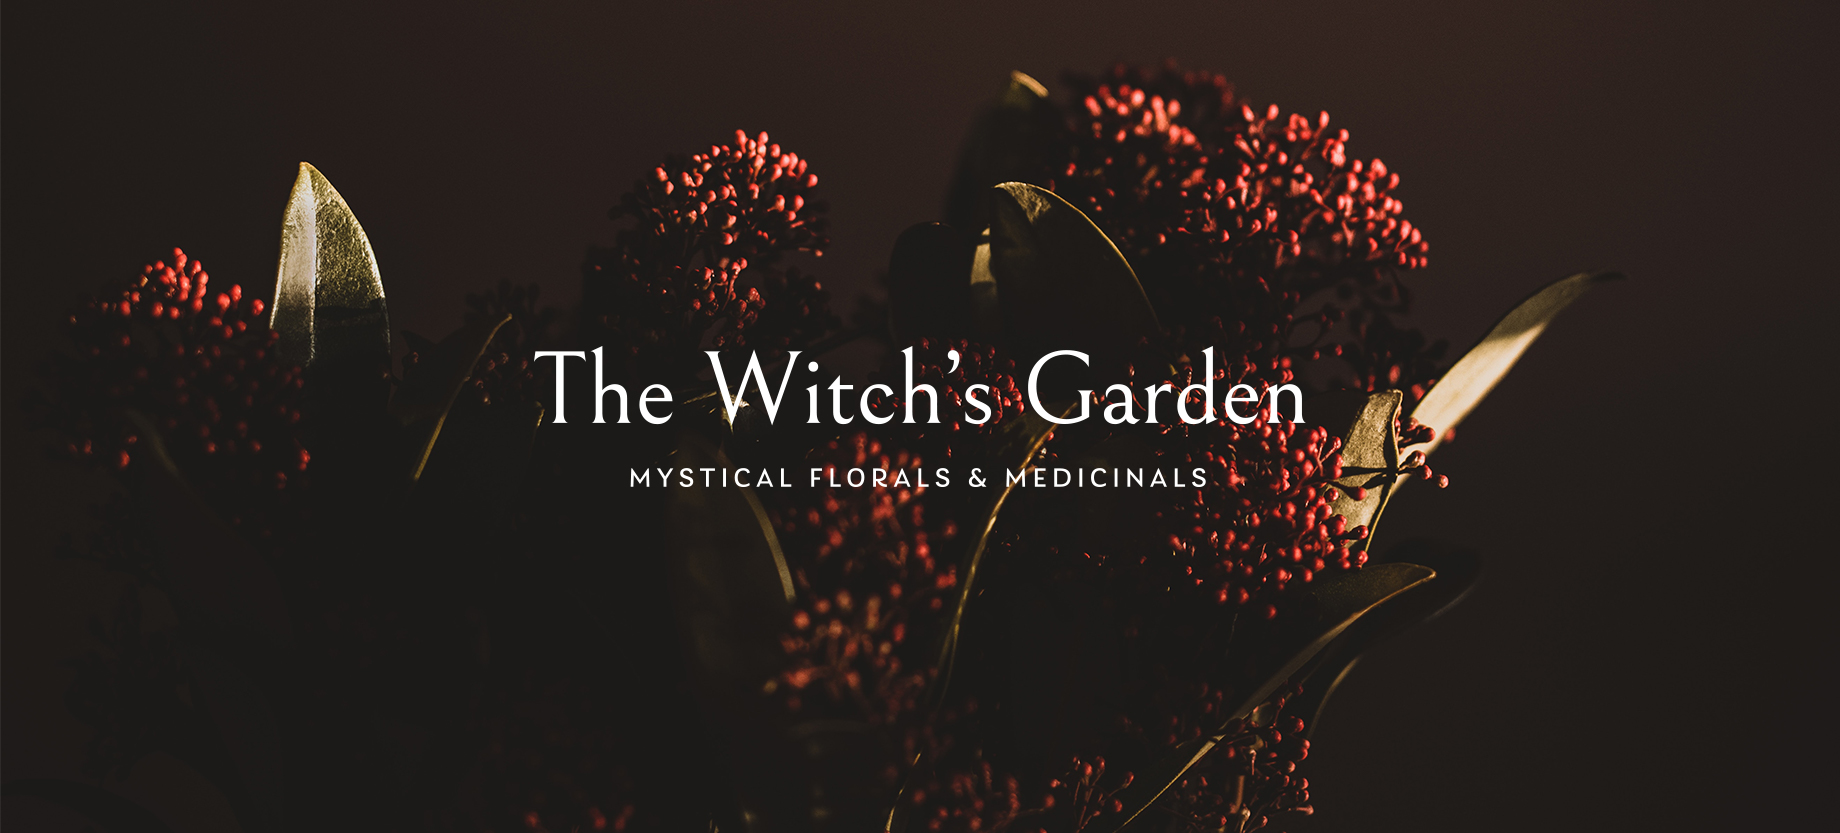 Dark florals with The Witch's Garden logo